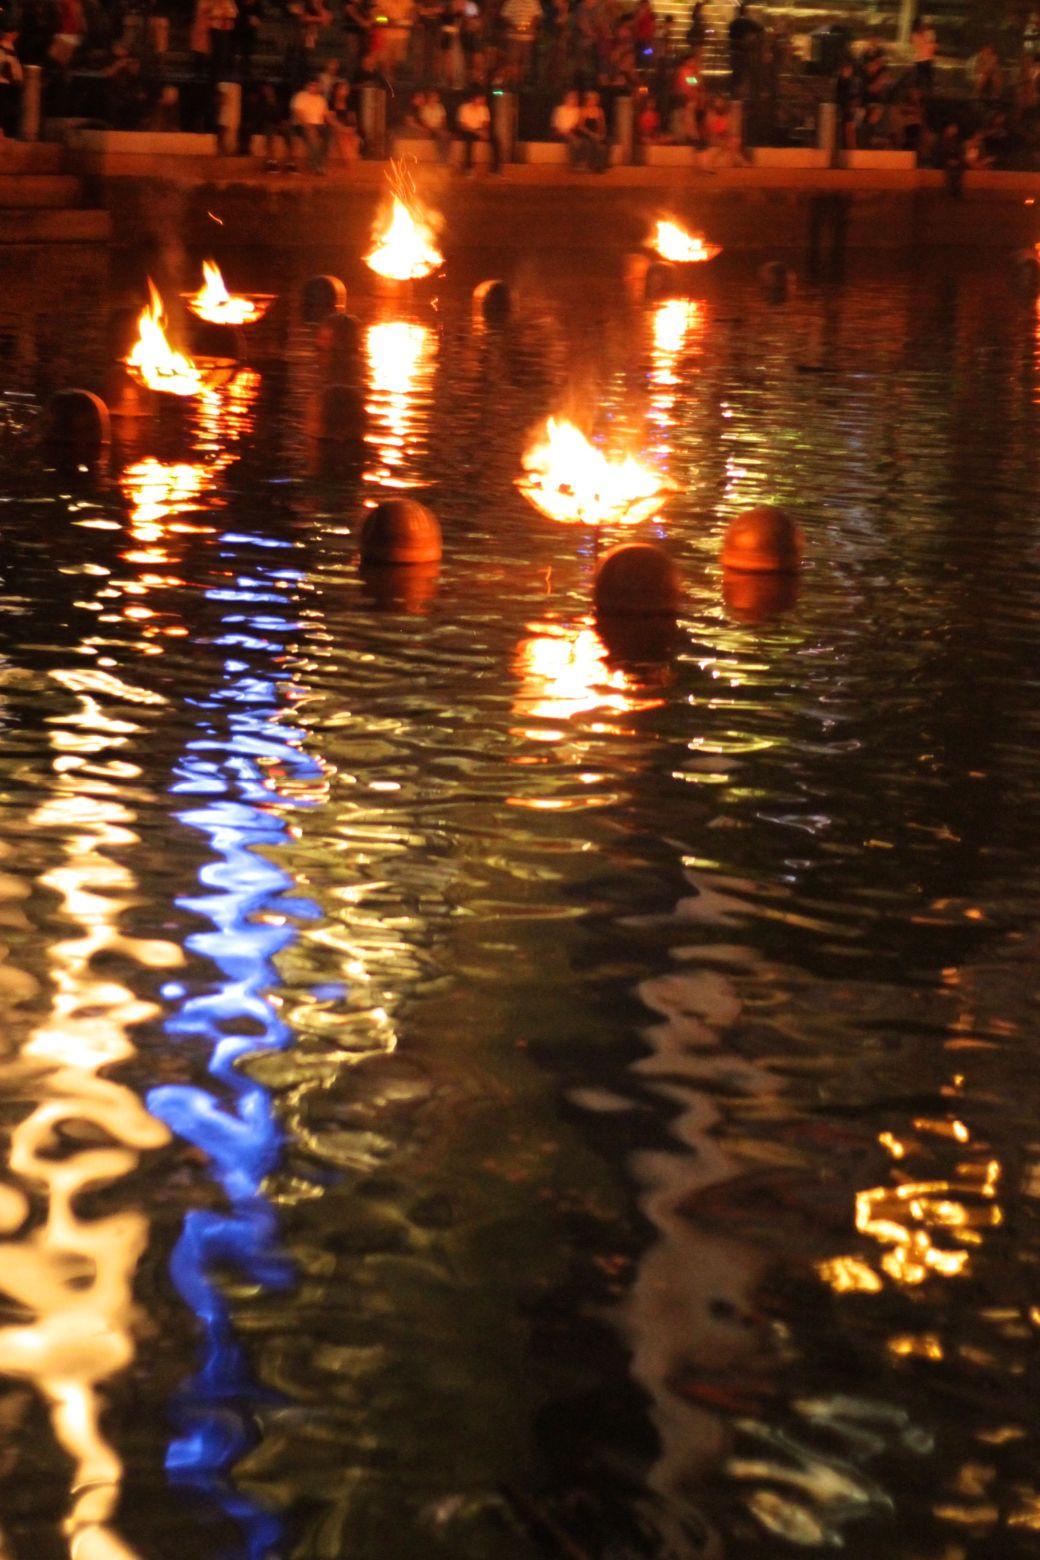 rhode island providence rhode island water fire festival 8